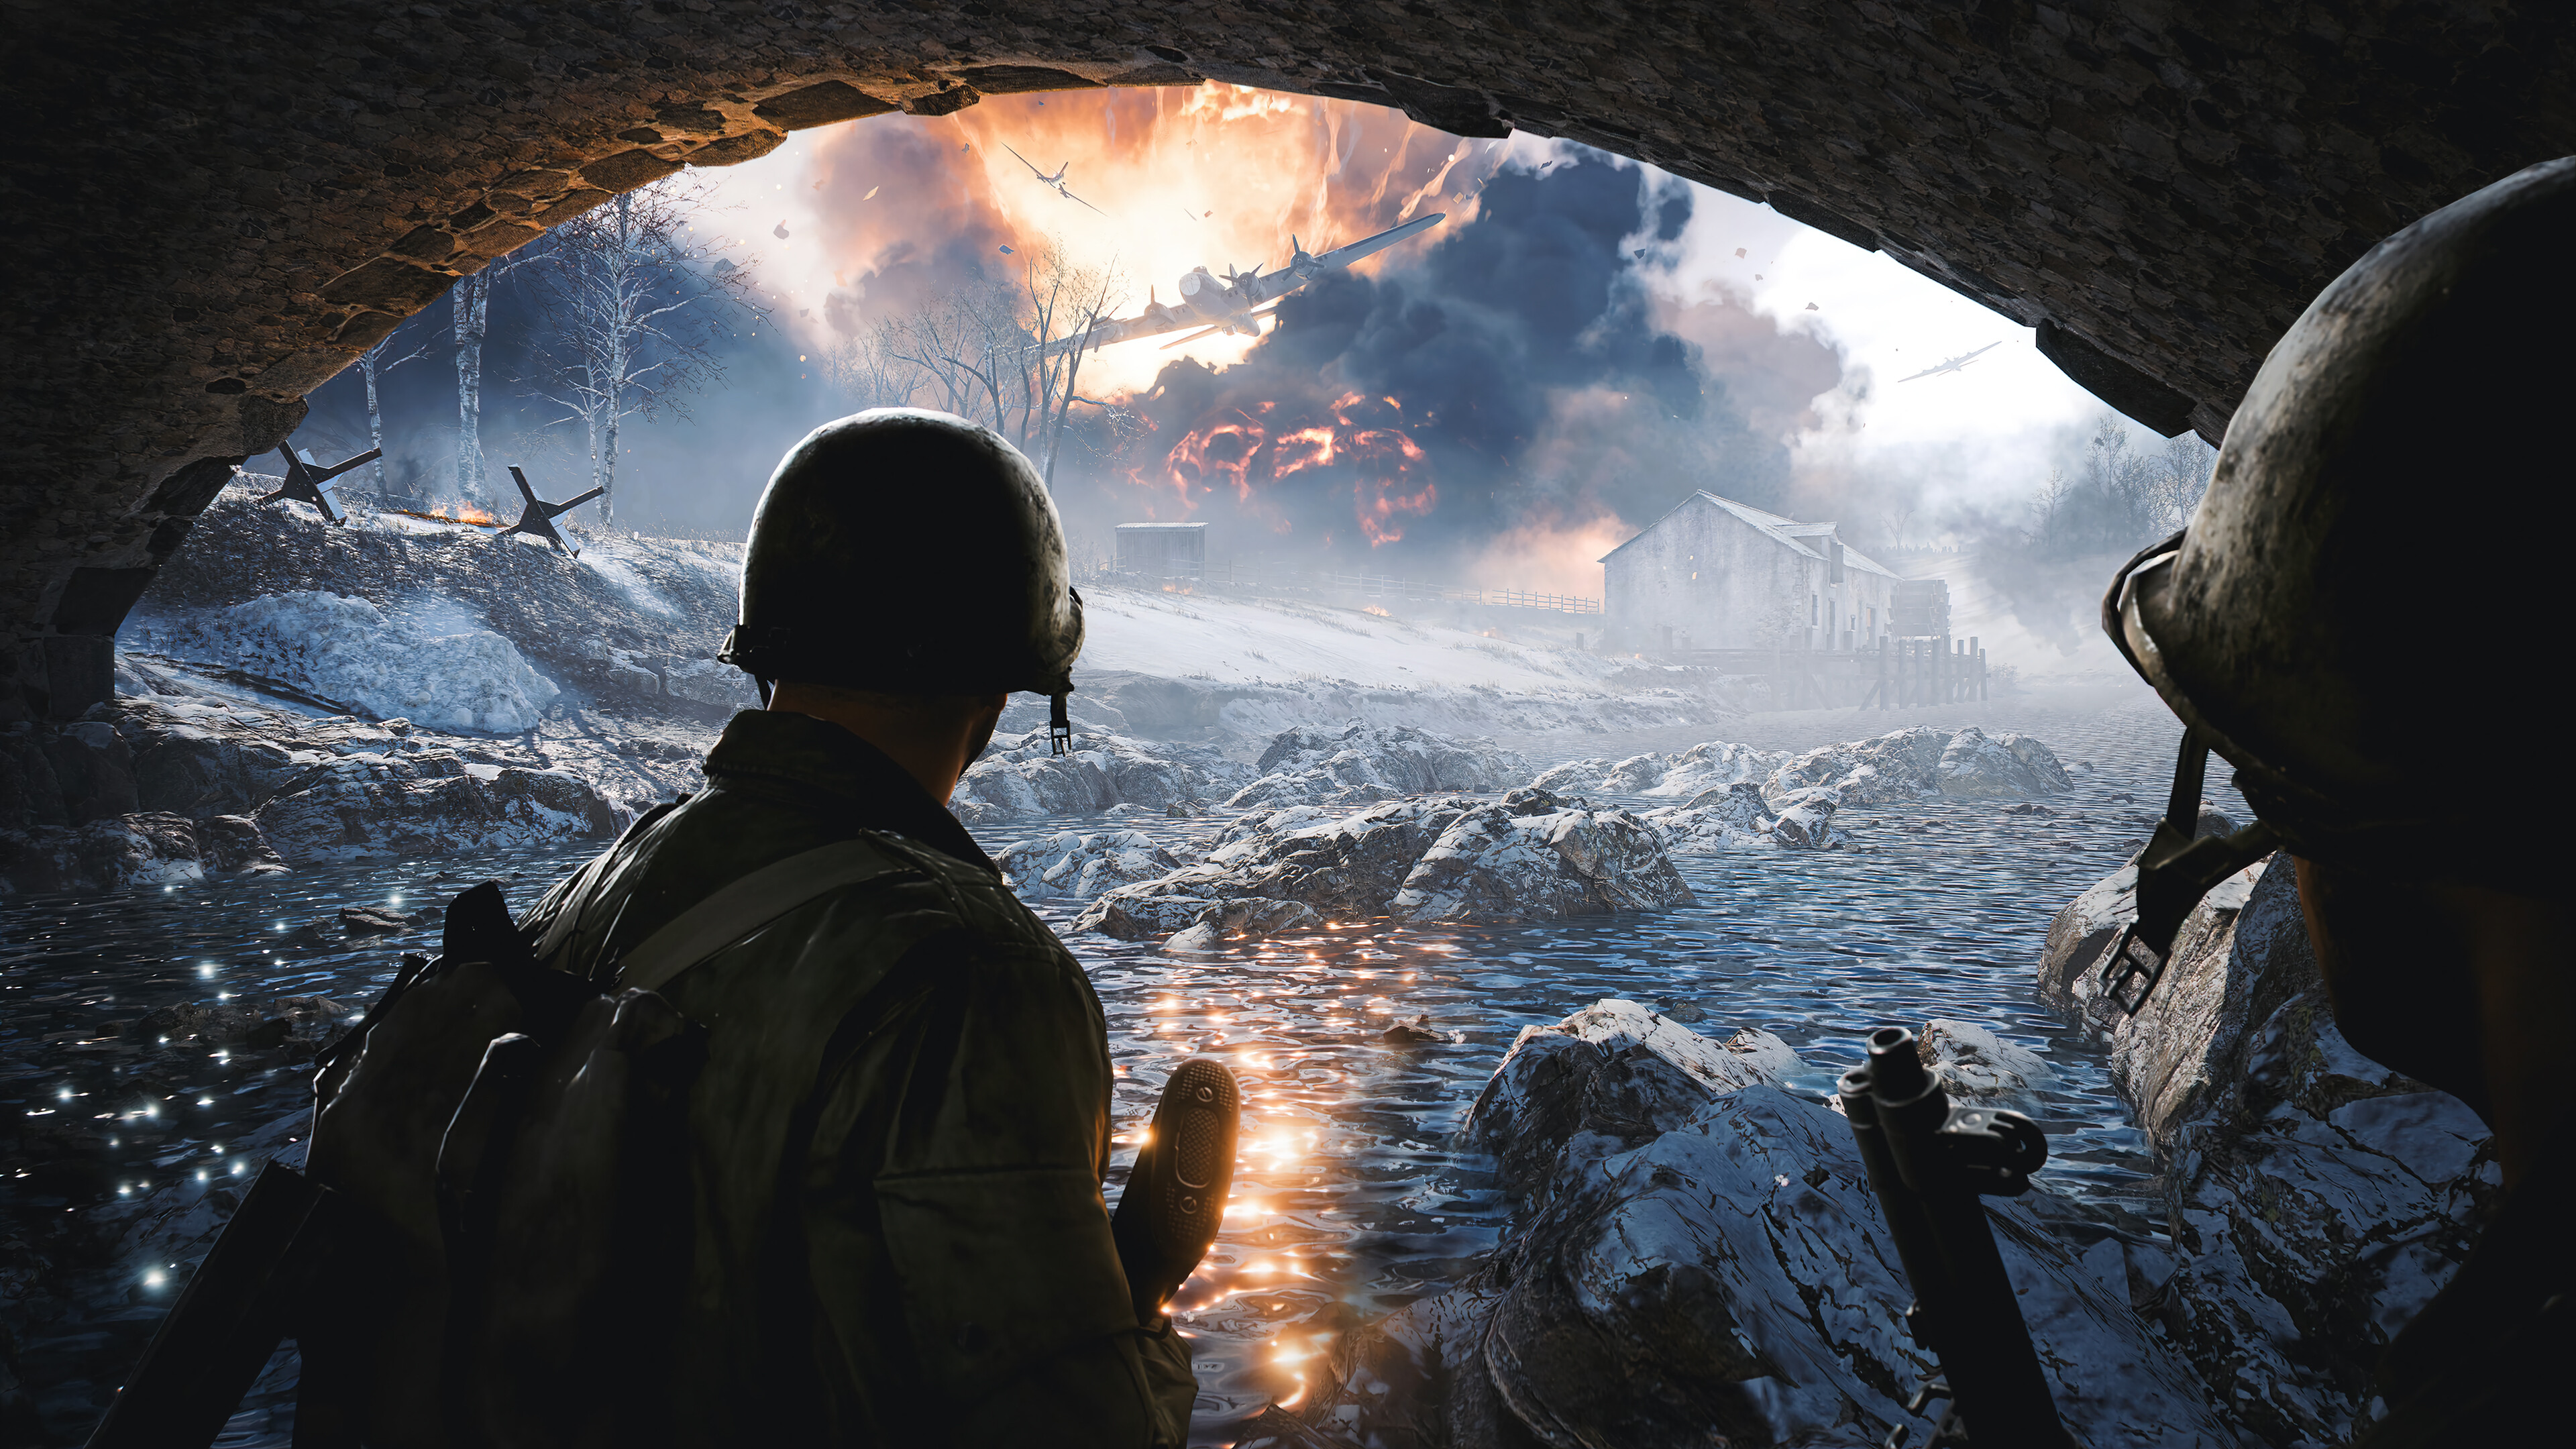 Wallpaper Soldier in Battlefield 2042